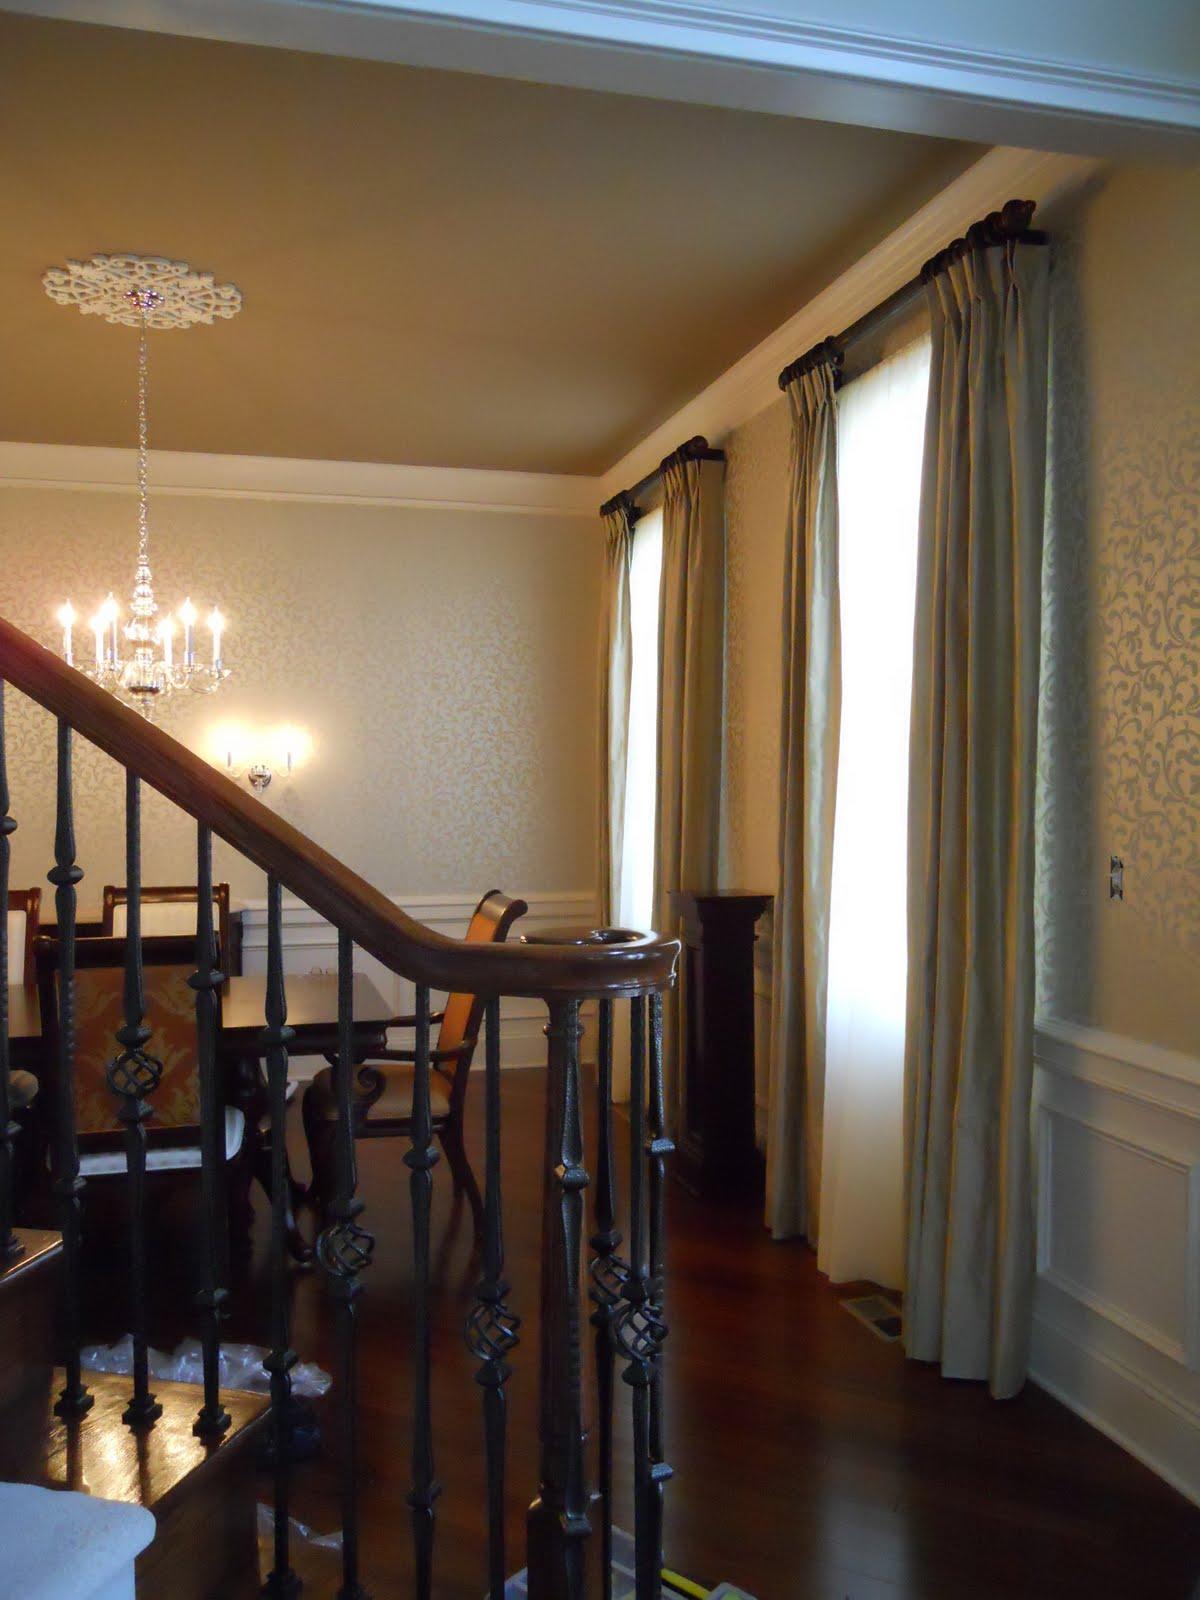 Wallpaper ideas for foyer for Foyer wallpaper ideas